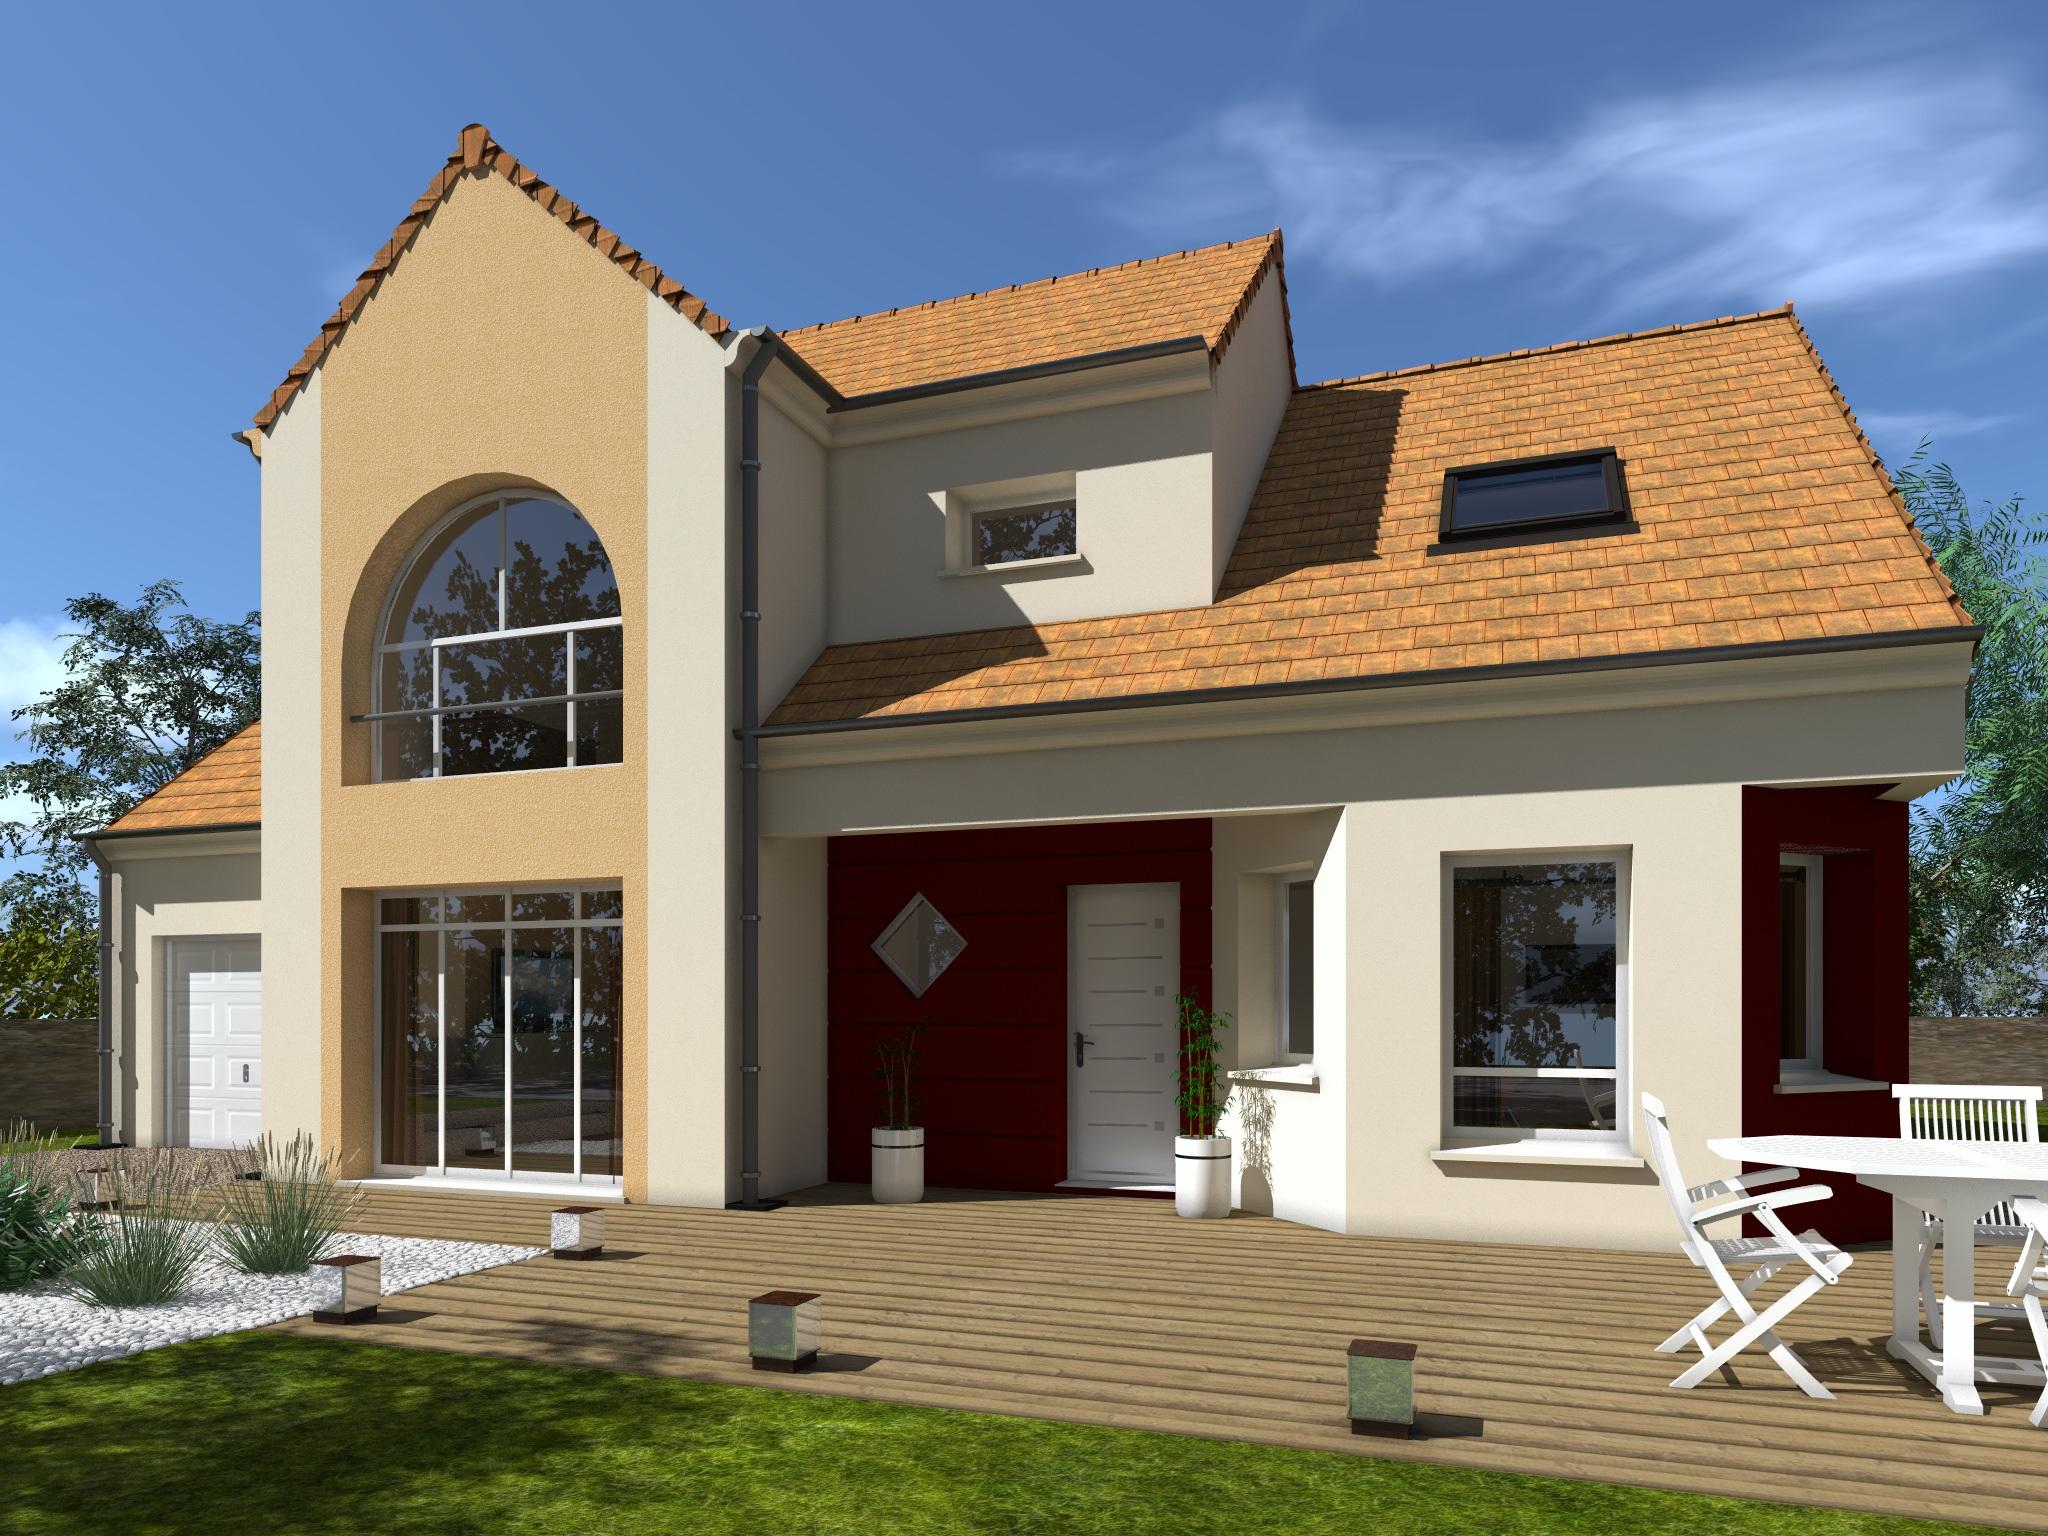 Maisons + Terrains du constructeur Les Maisons Lelievre • 134 m² • LE MANS